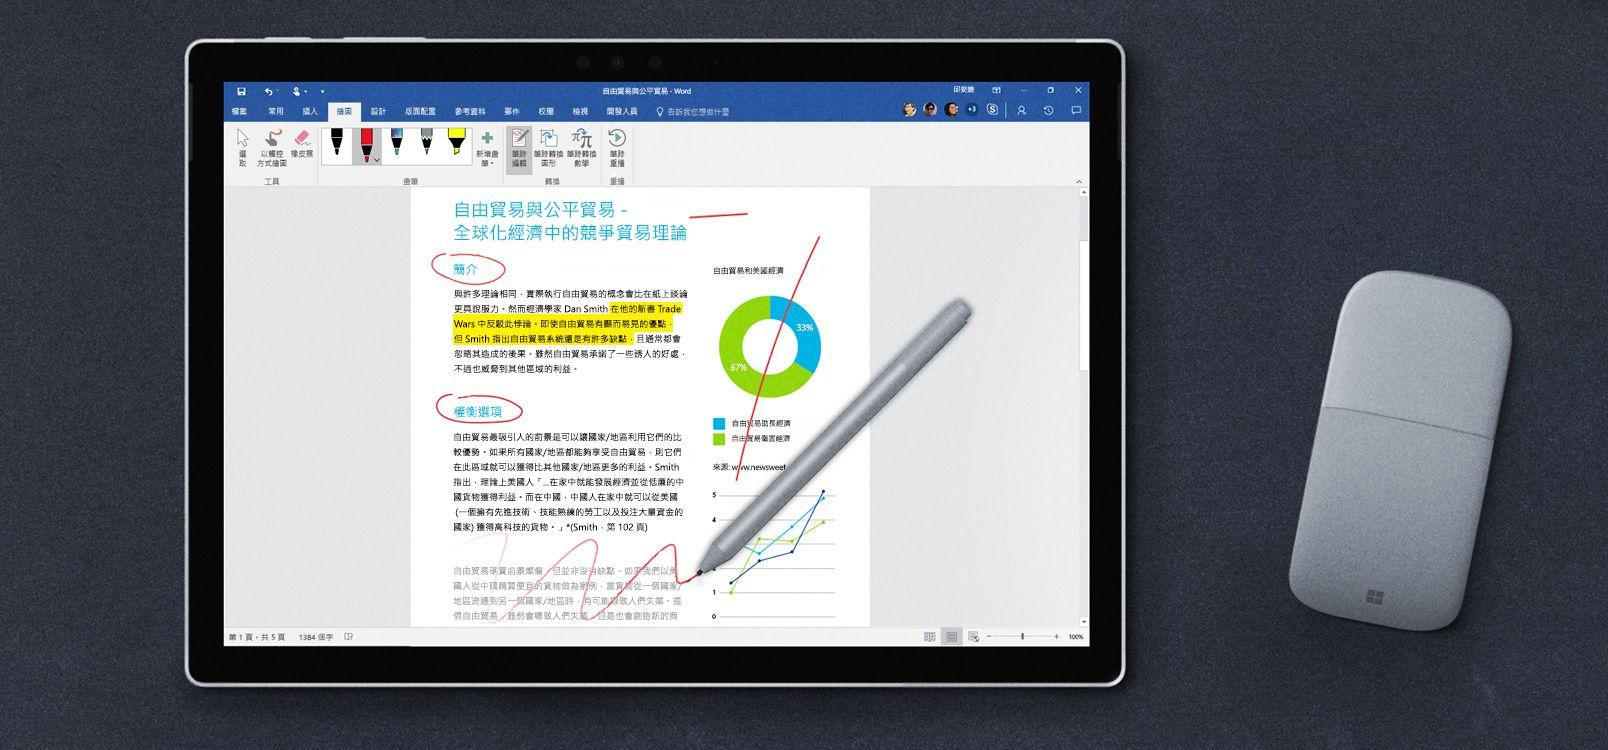 顯示筆跡編輯的平板電腦螢幕